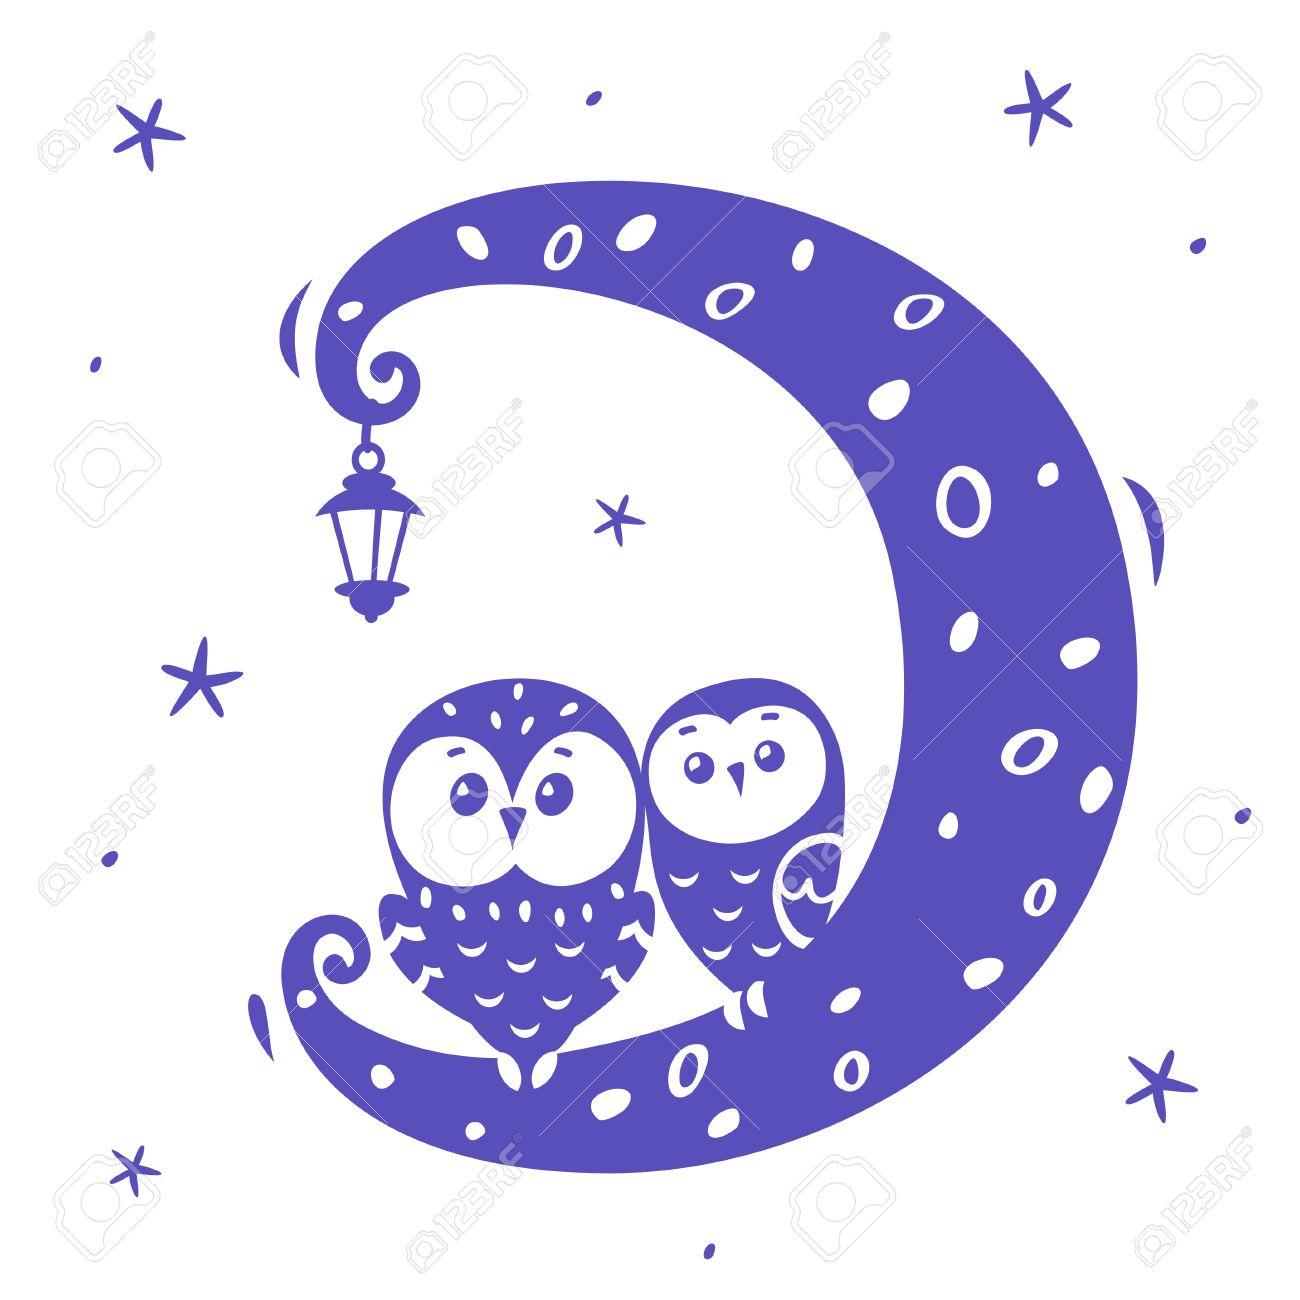 イラスト シルエット漫画かわいいと面白いフクロウ月面のイラスト素材 ベクタ Image